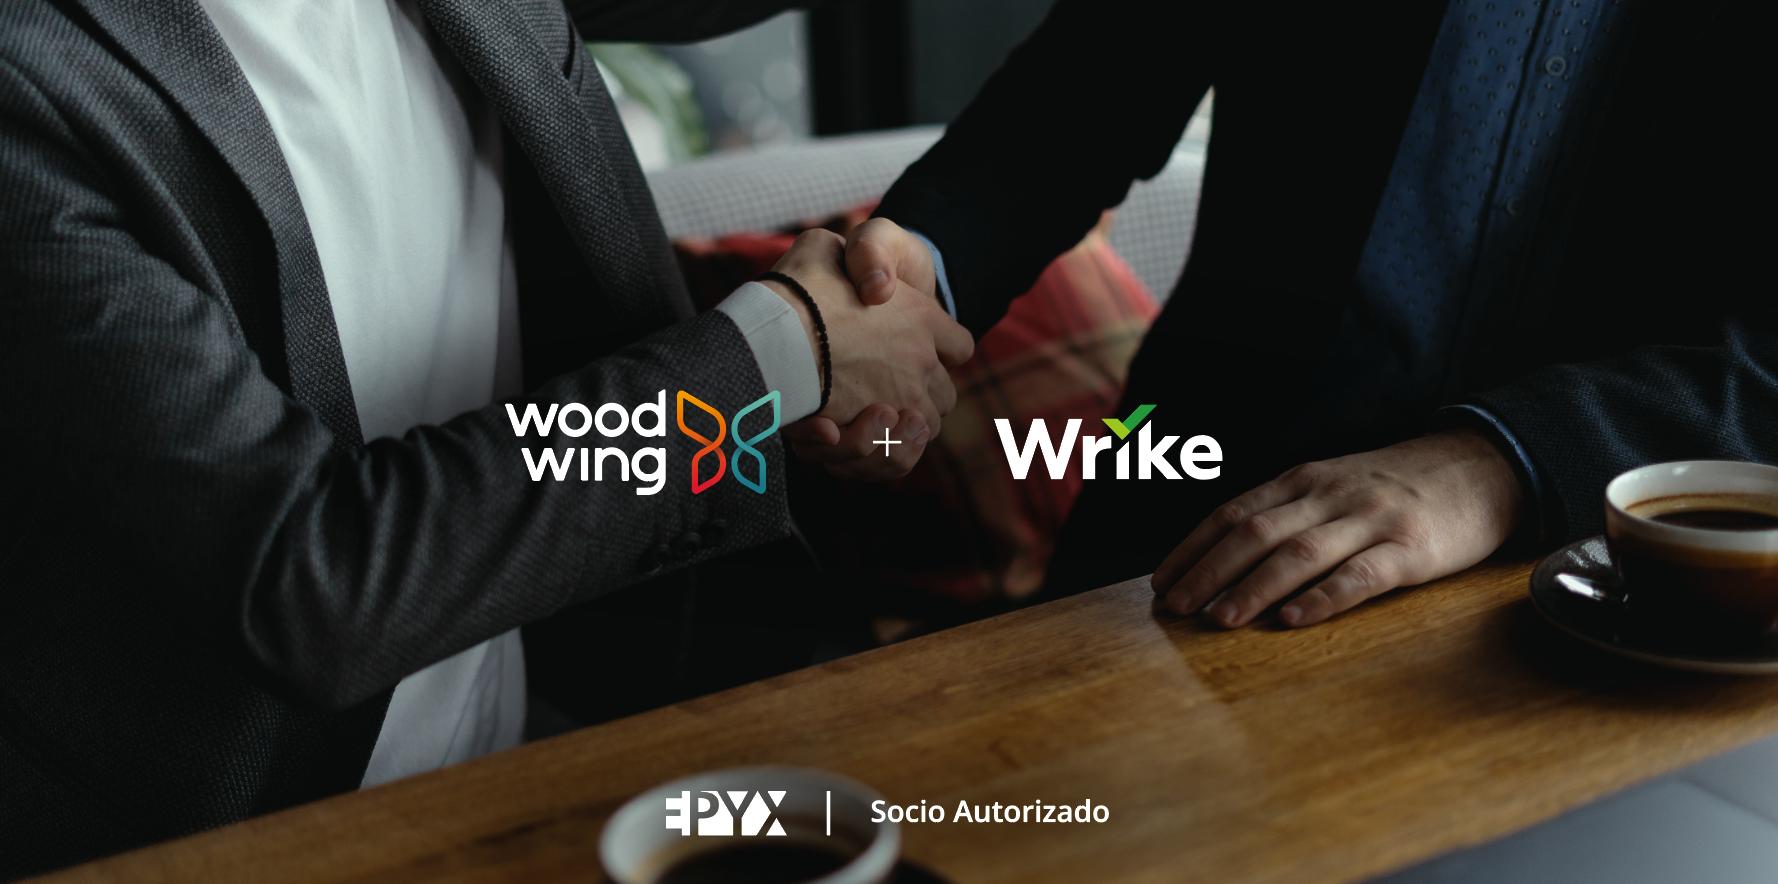 WoodWing y Wrike han anunciado nuevas integraciones